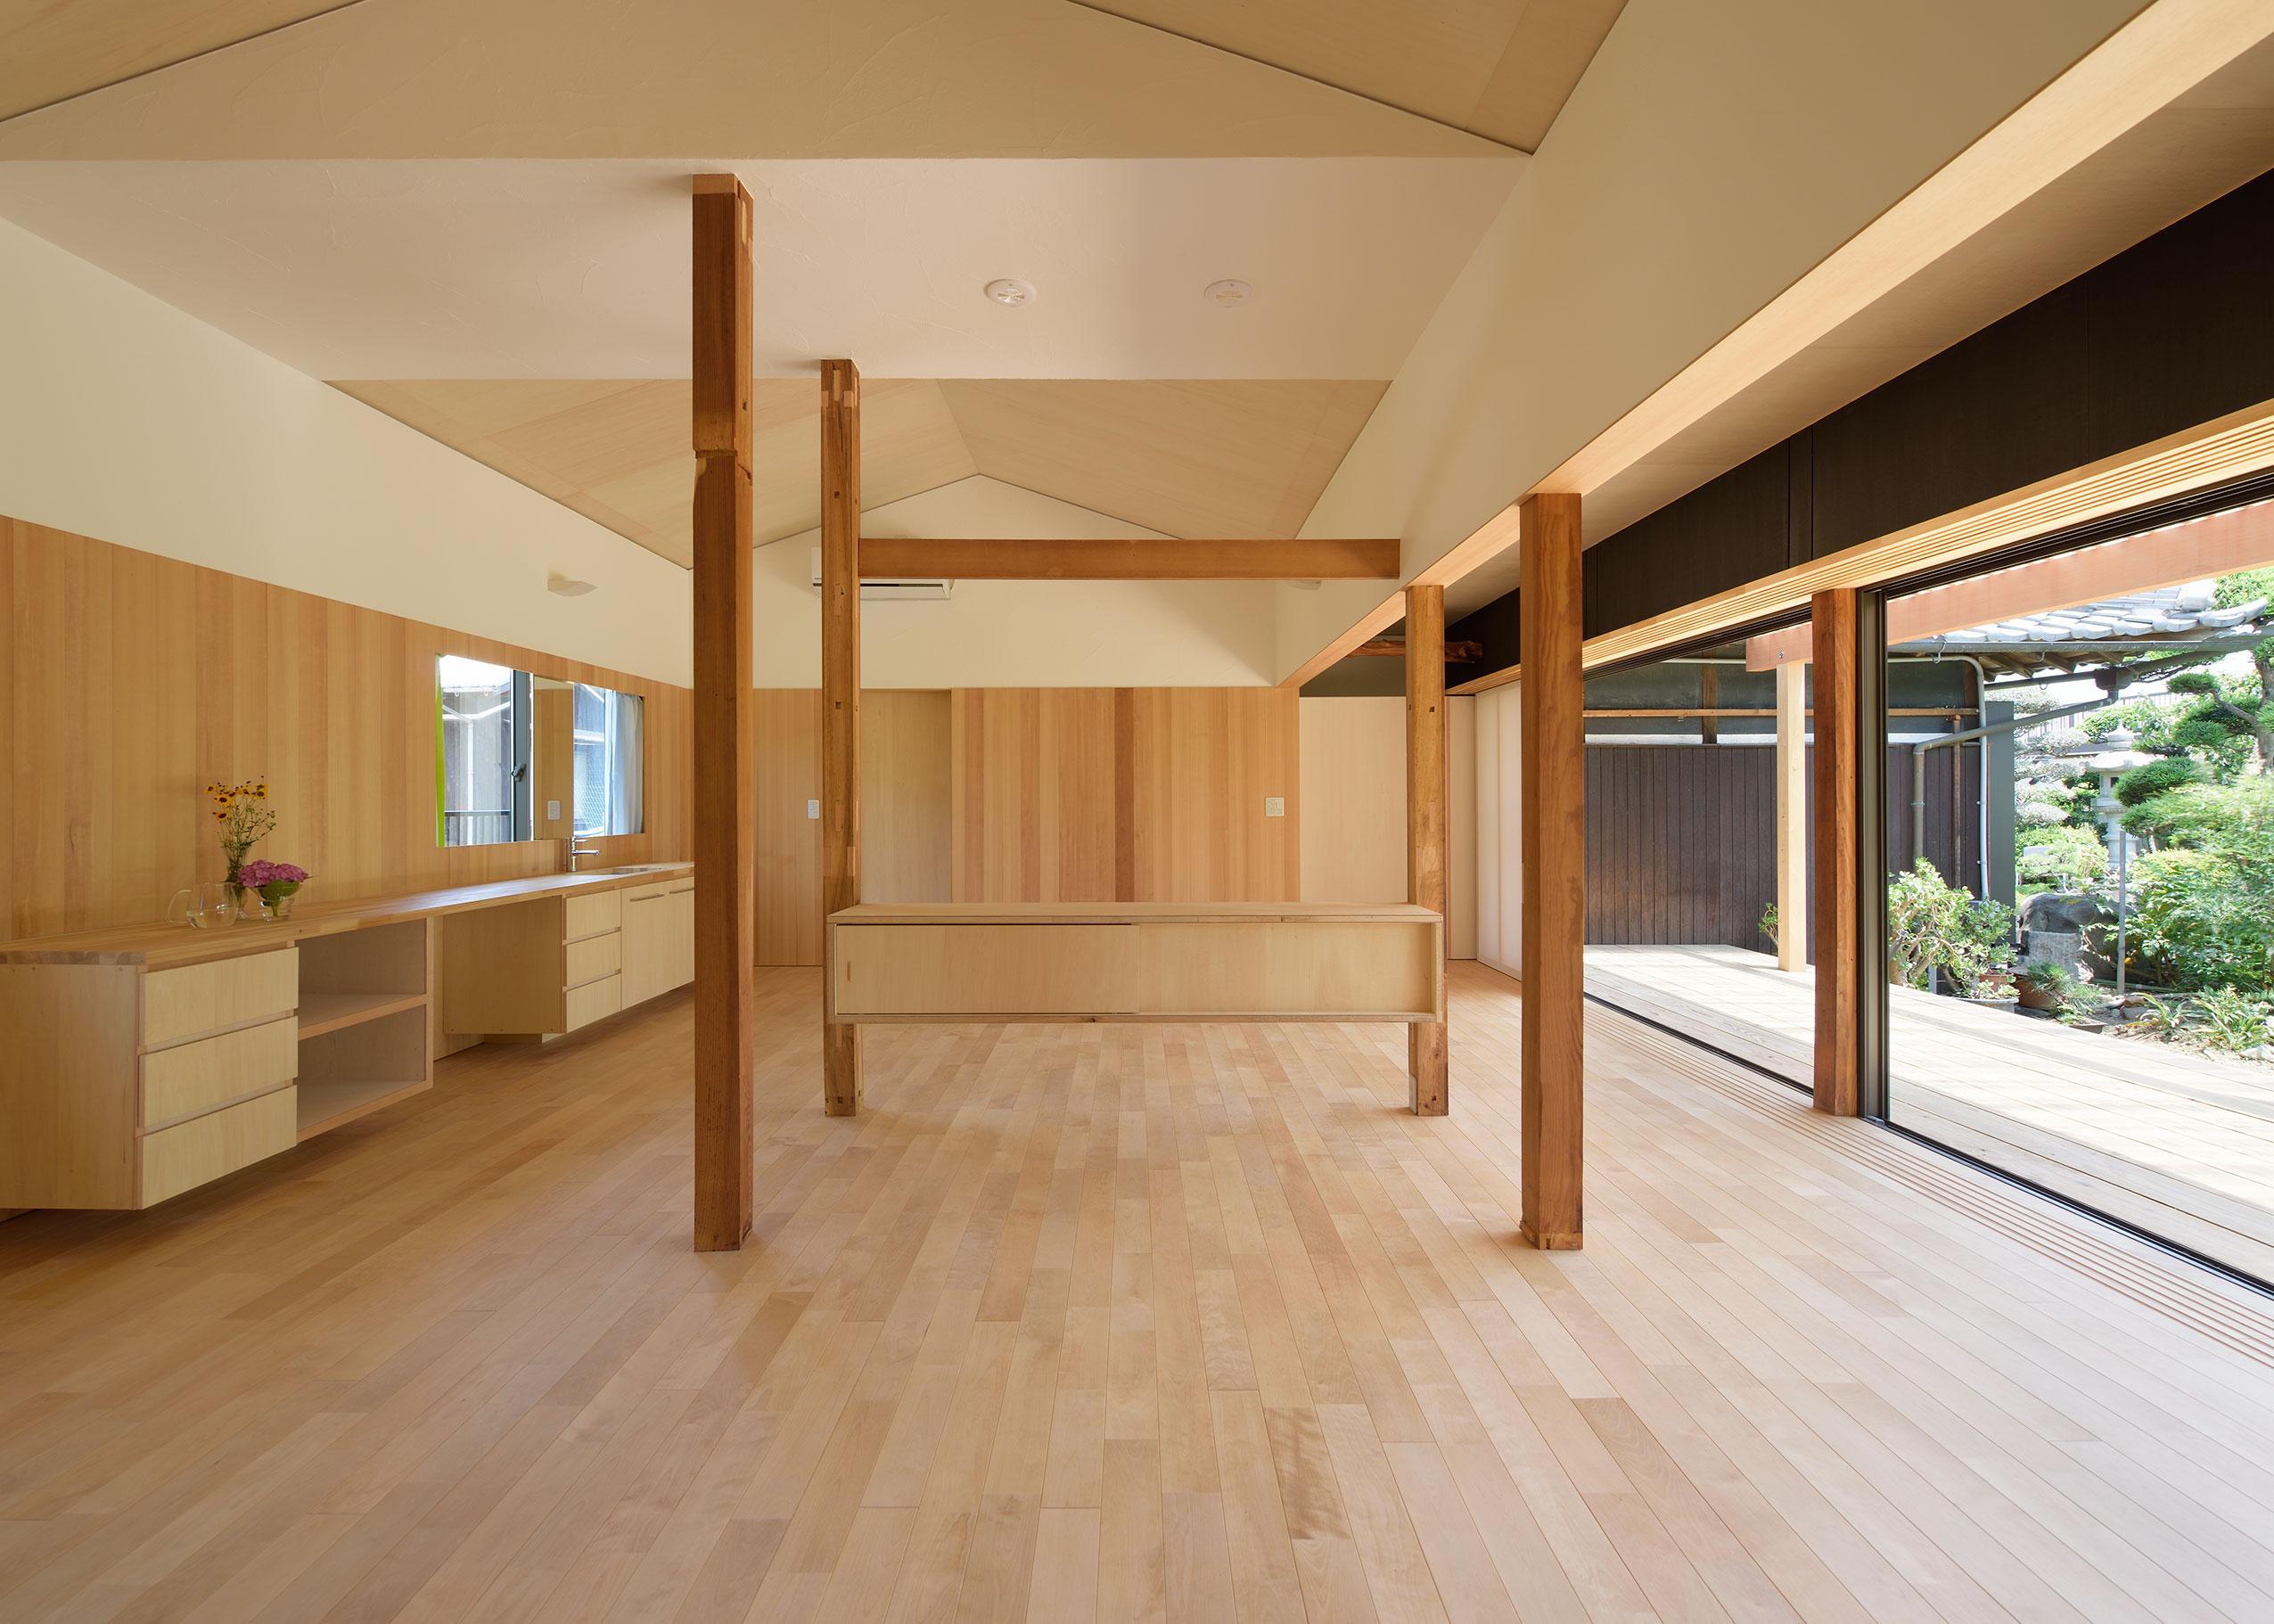 稲美町の離れ DETACHED ROOM in Inamiの部屋 開放的なリビング3